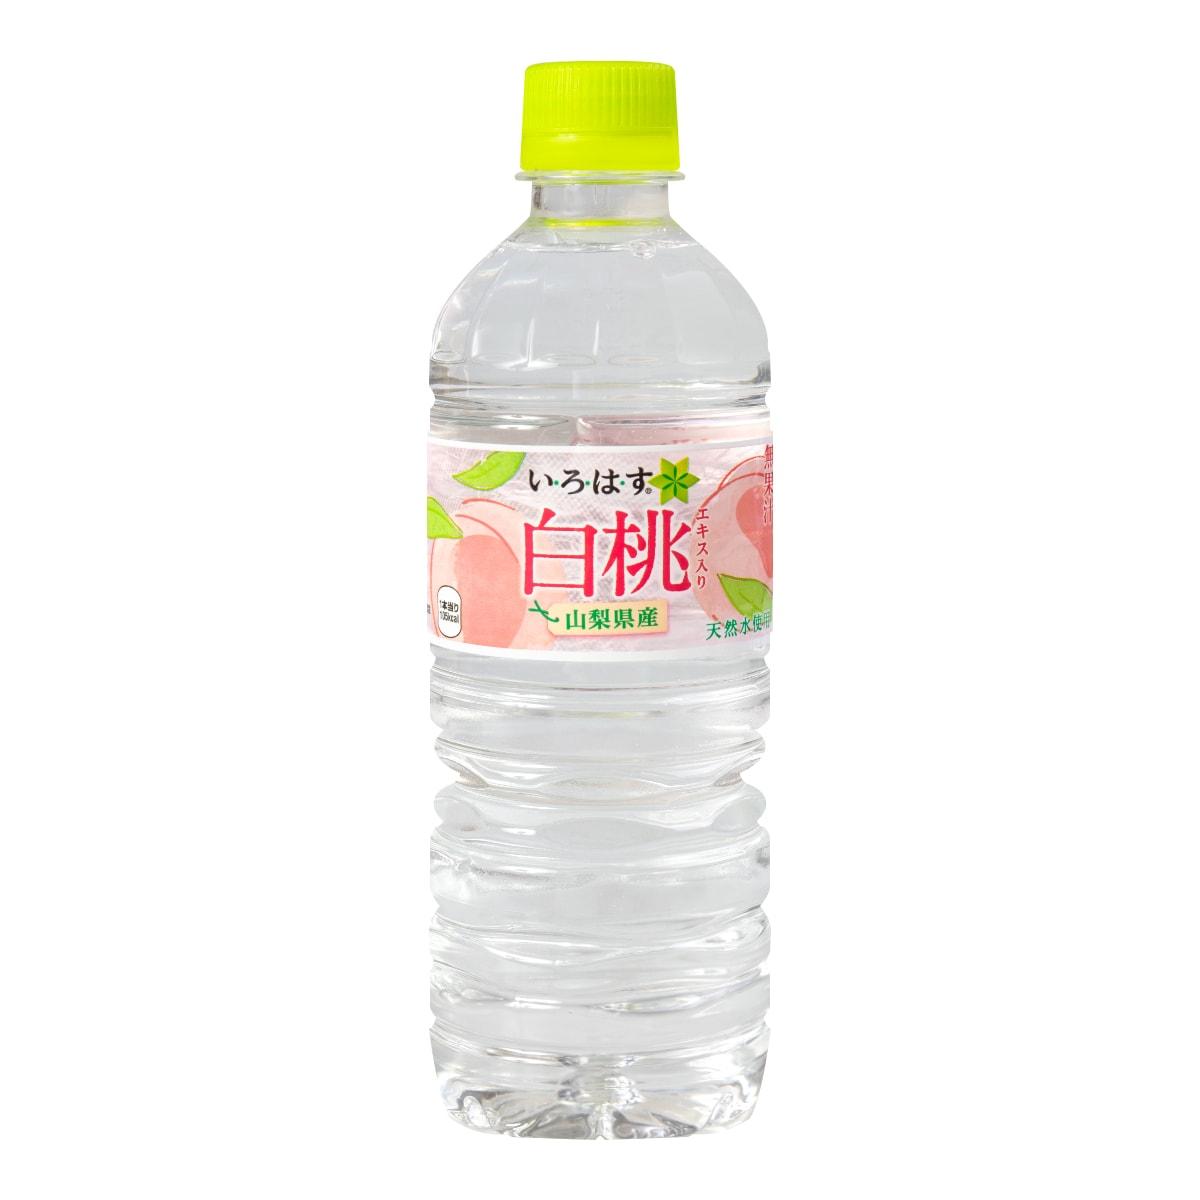 日本I LOHAS 无色透明水蜜桃口味矿泉水 555ml